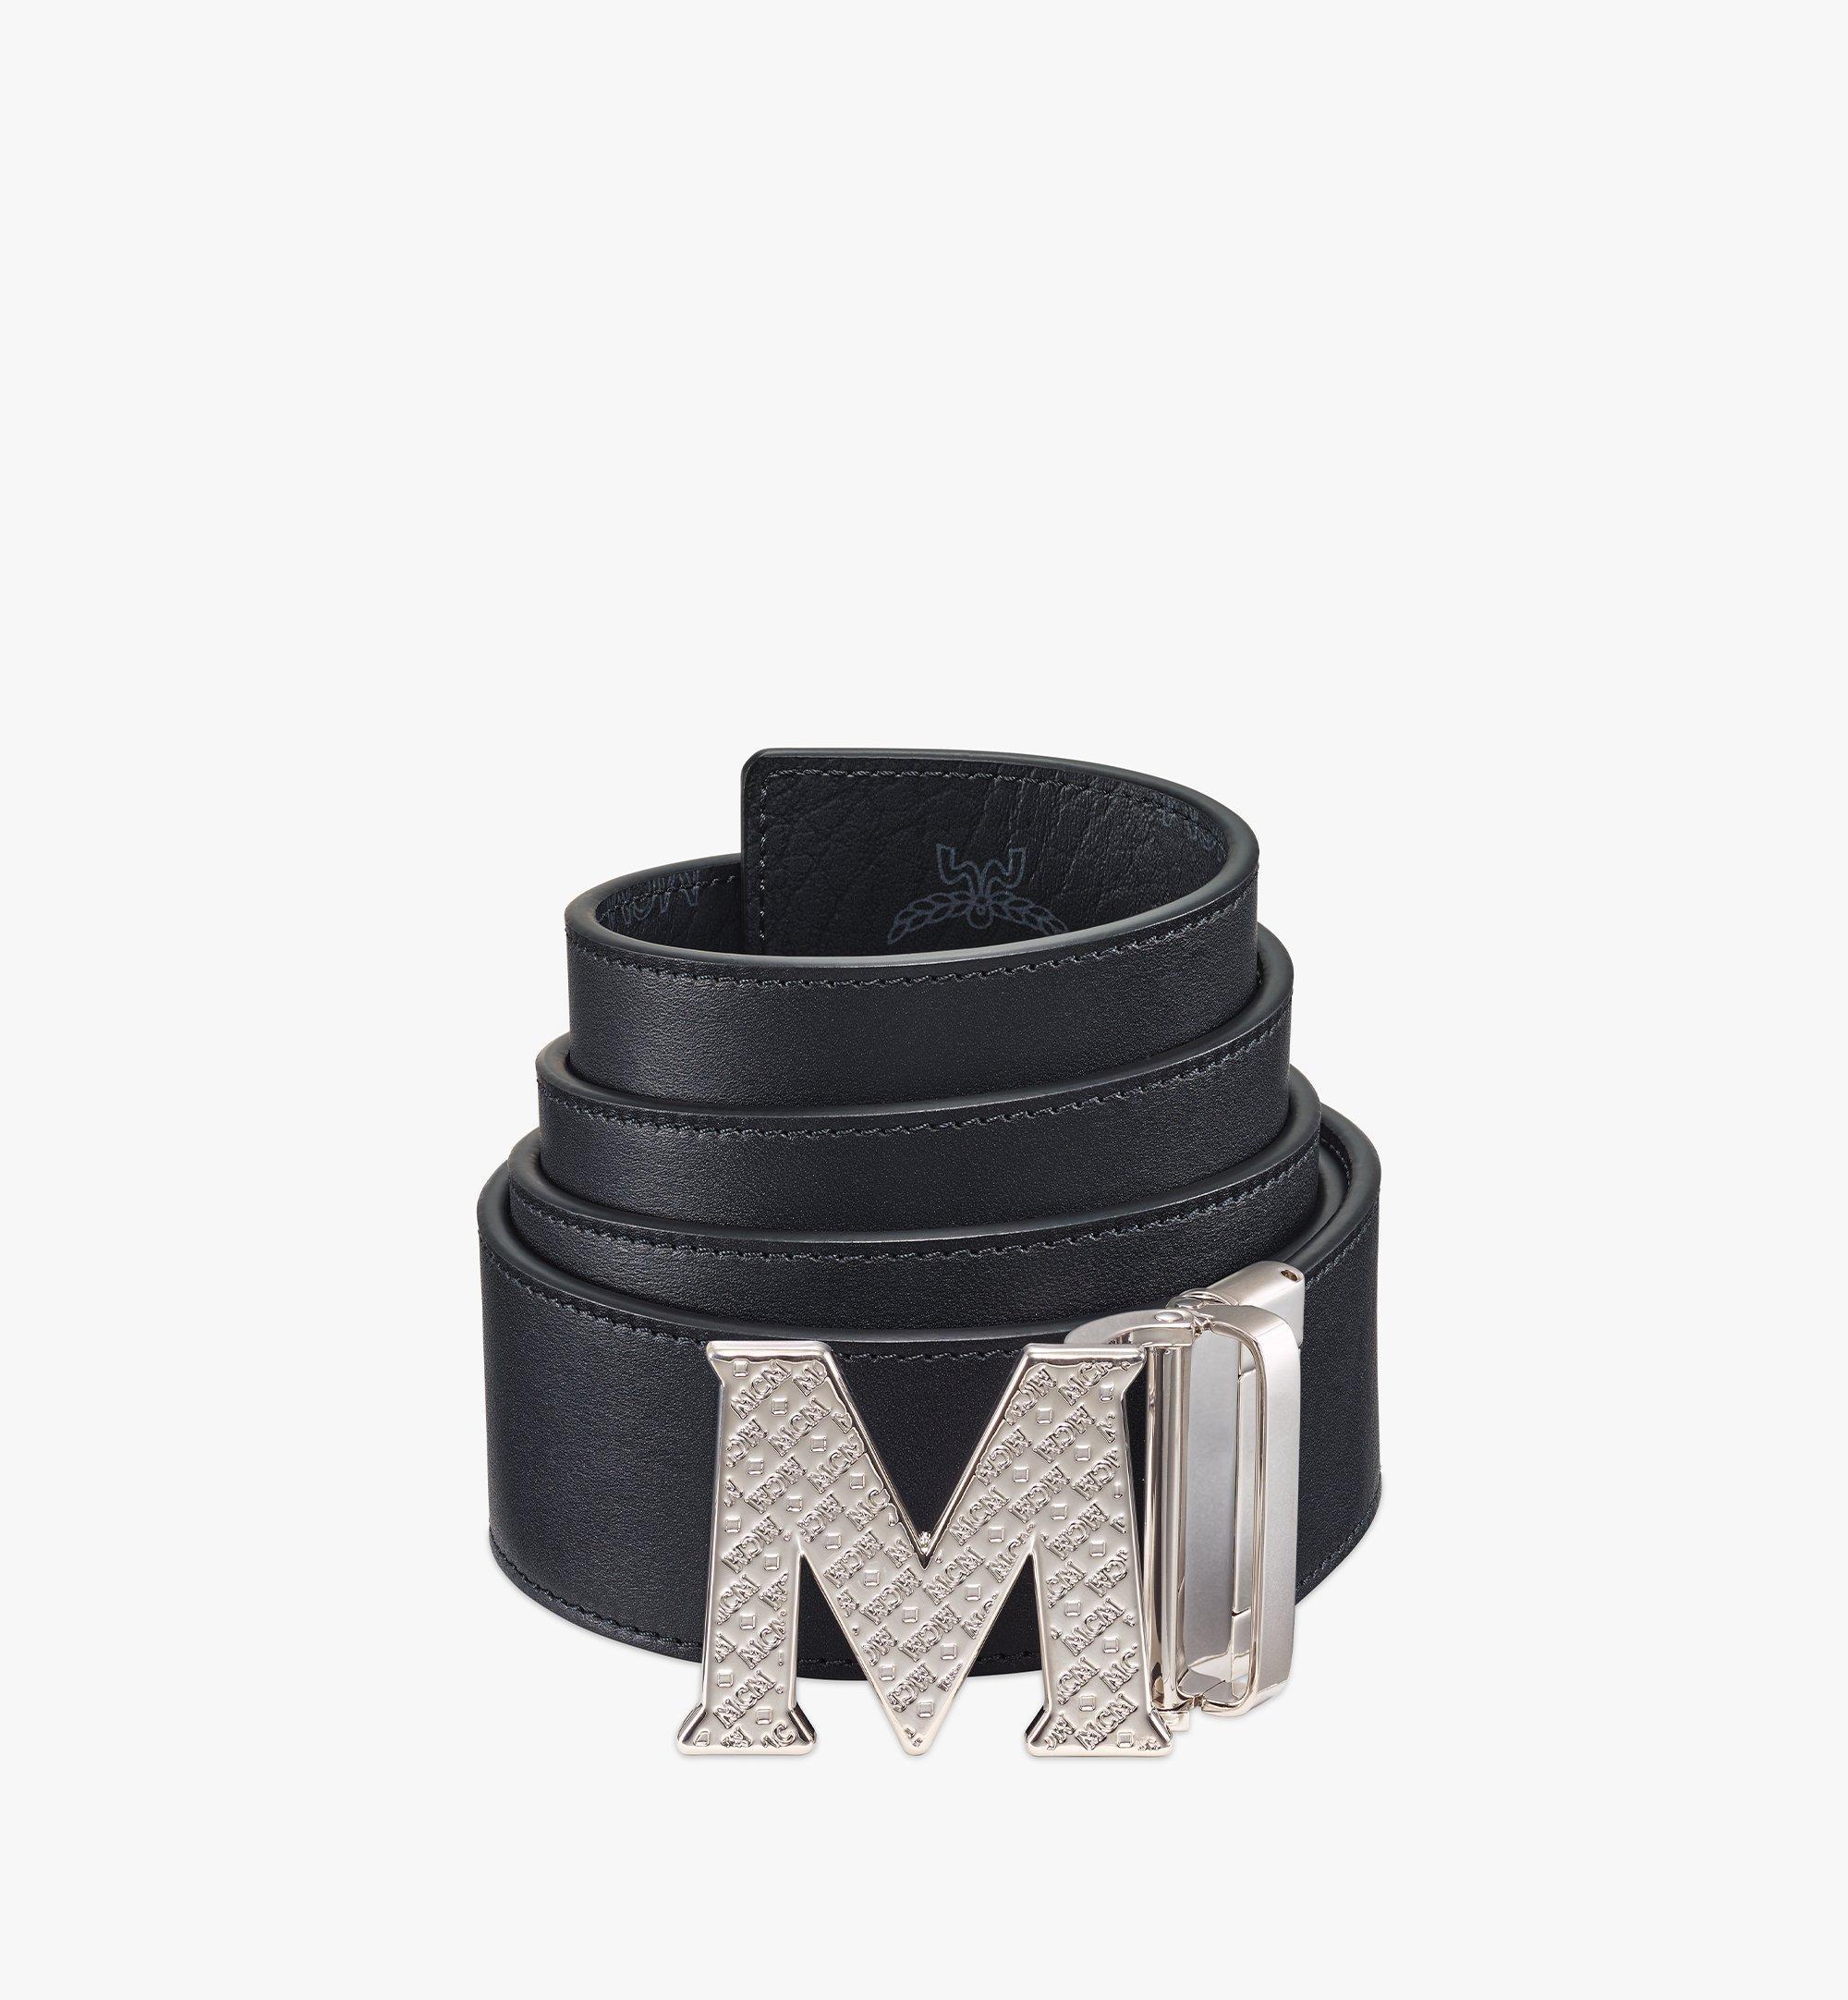 MCM Visetos 系列的 Claus 織紋 M 1.75 吋雙面皮帶 Black MXBBSVI02BK001 更多視圖 1